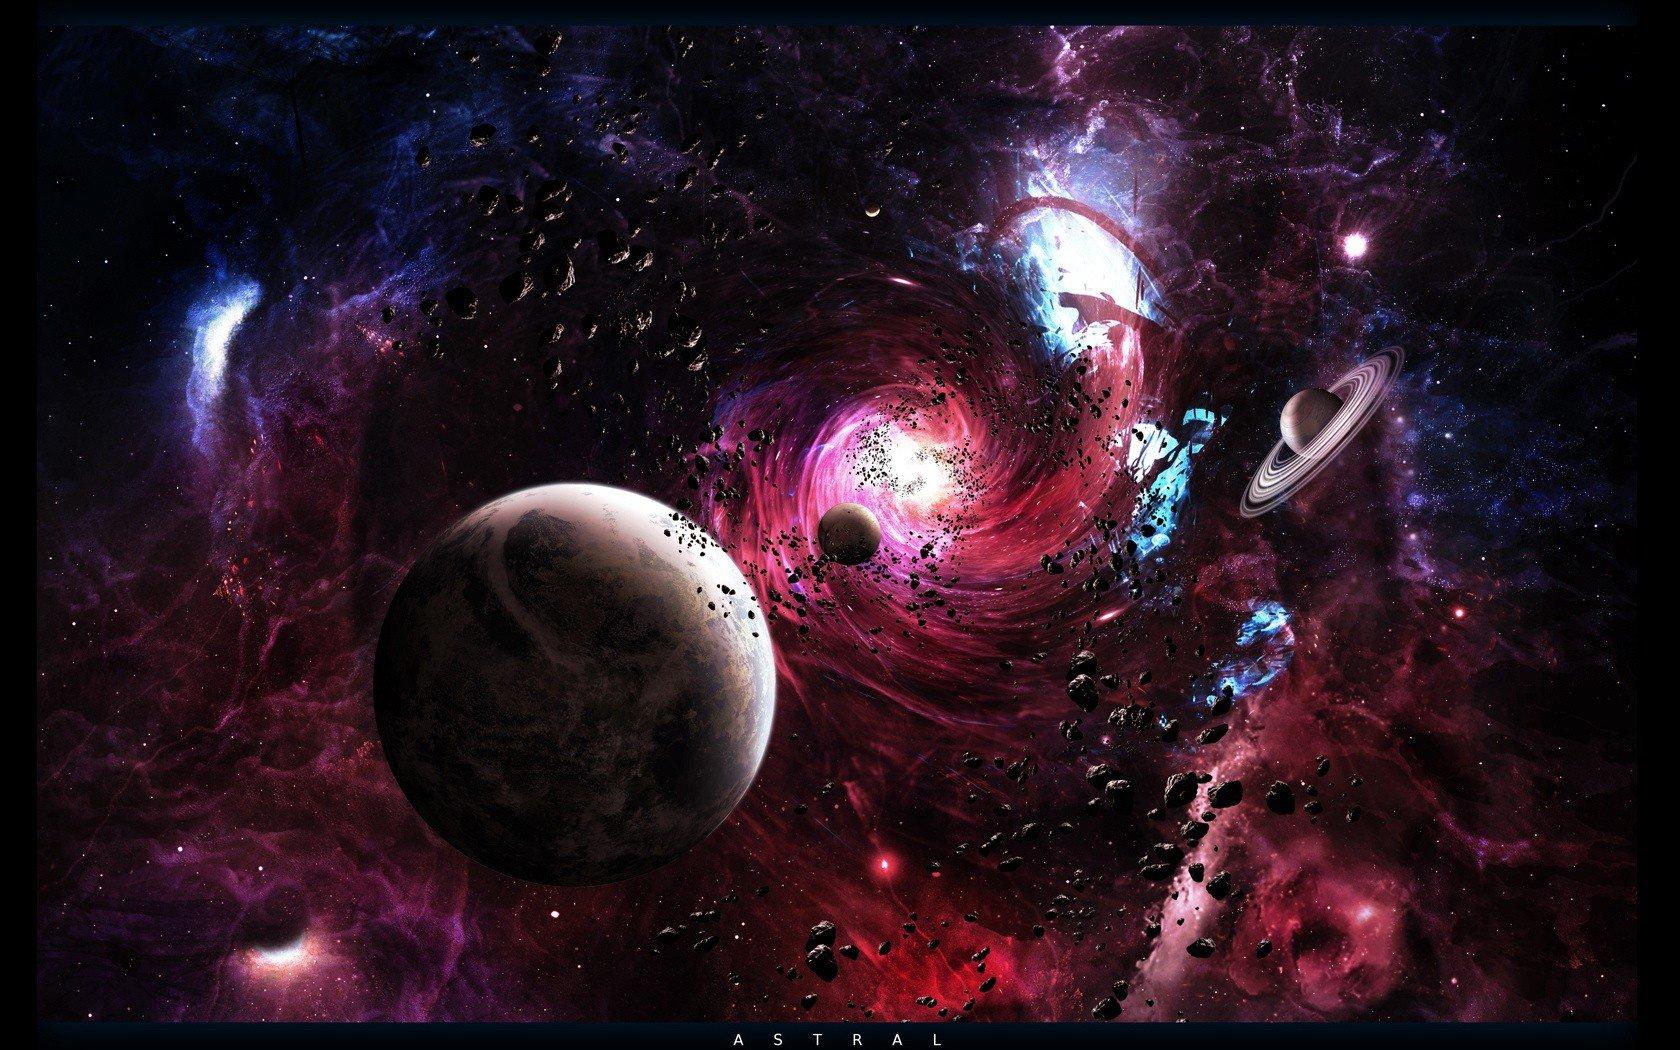 Обои Между планет картинки на рабочий стол на тему Космос - скачать  № 1763246 загрузить